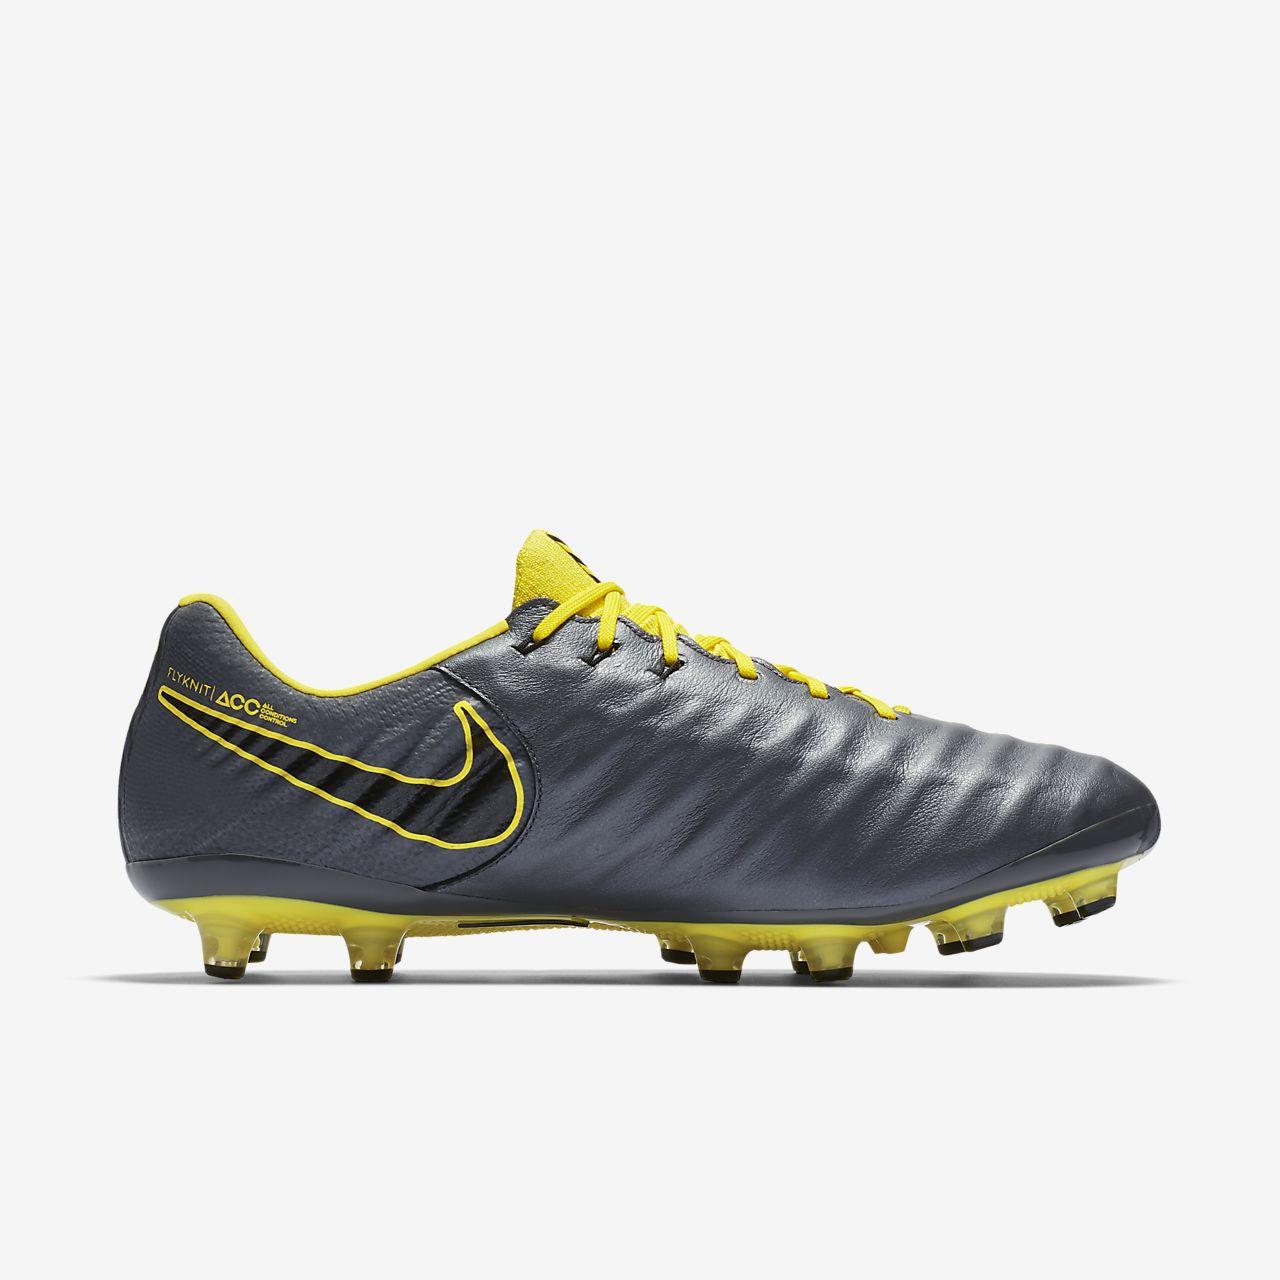 new products db1f1 c4c91 ... Chaussure de football à crampons pour terrain synthétique Nike Legend  VII Elite AG-PRO